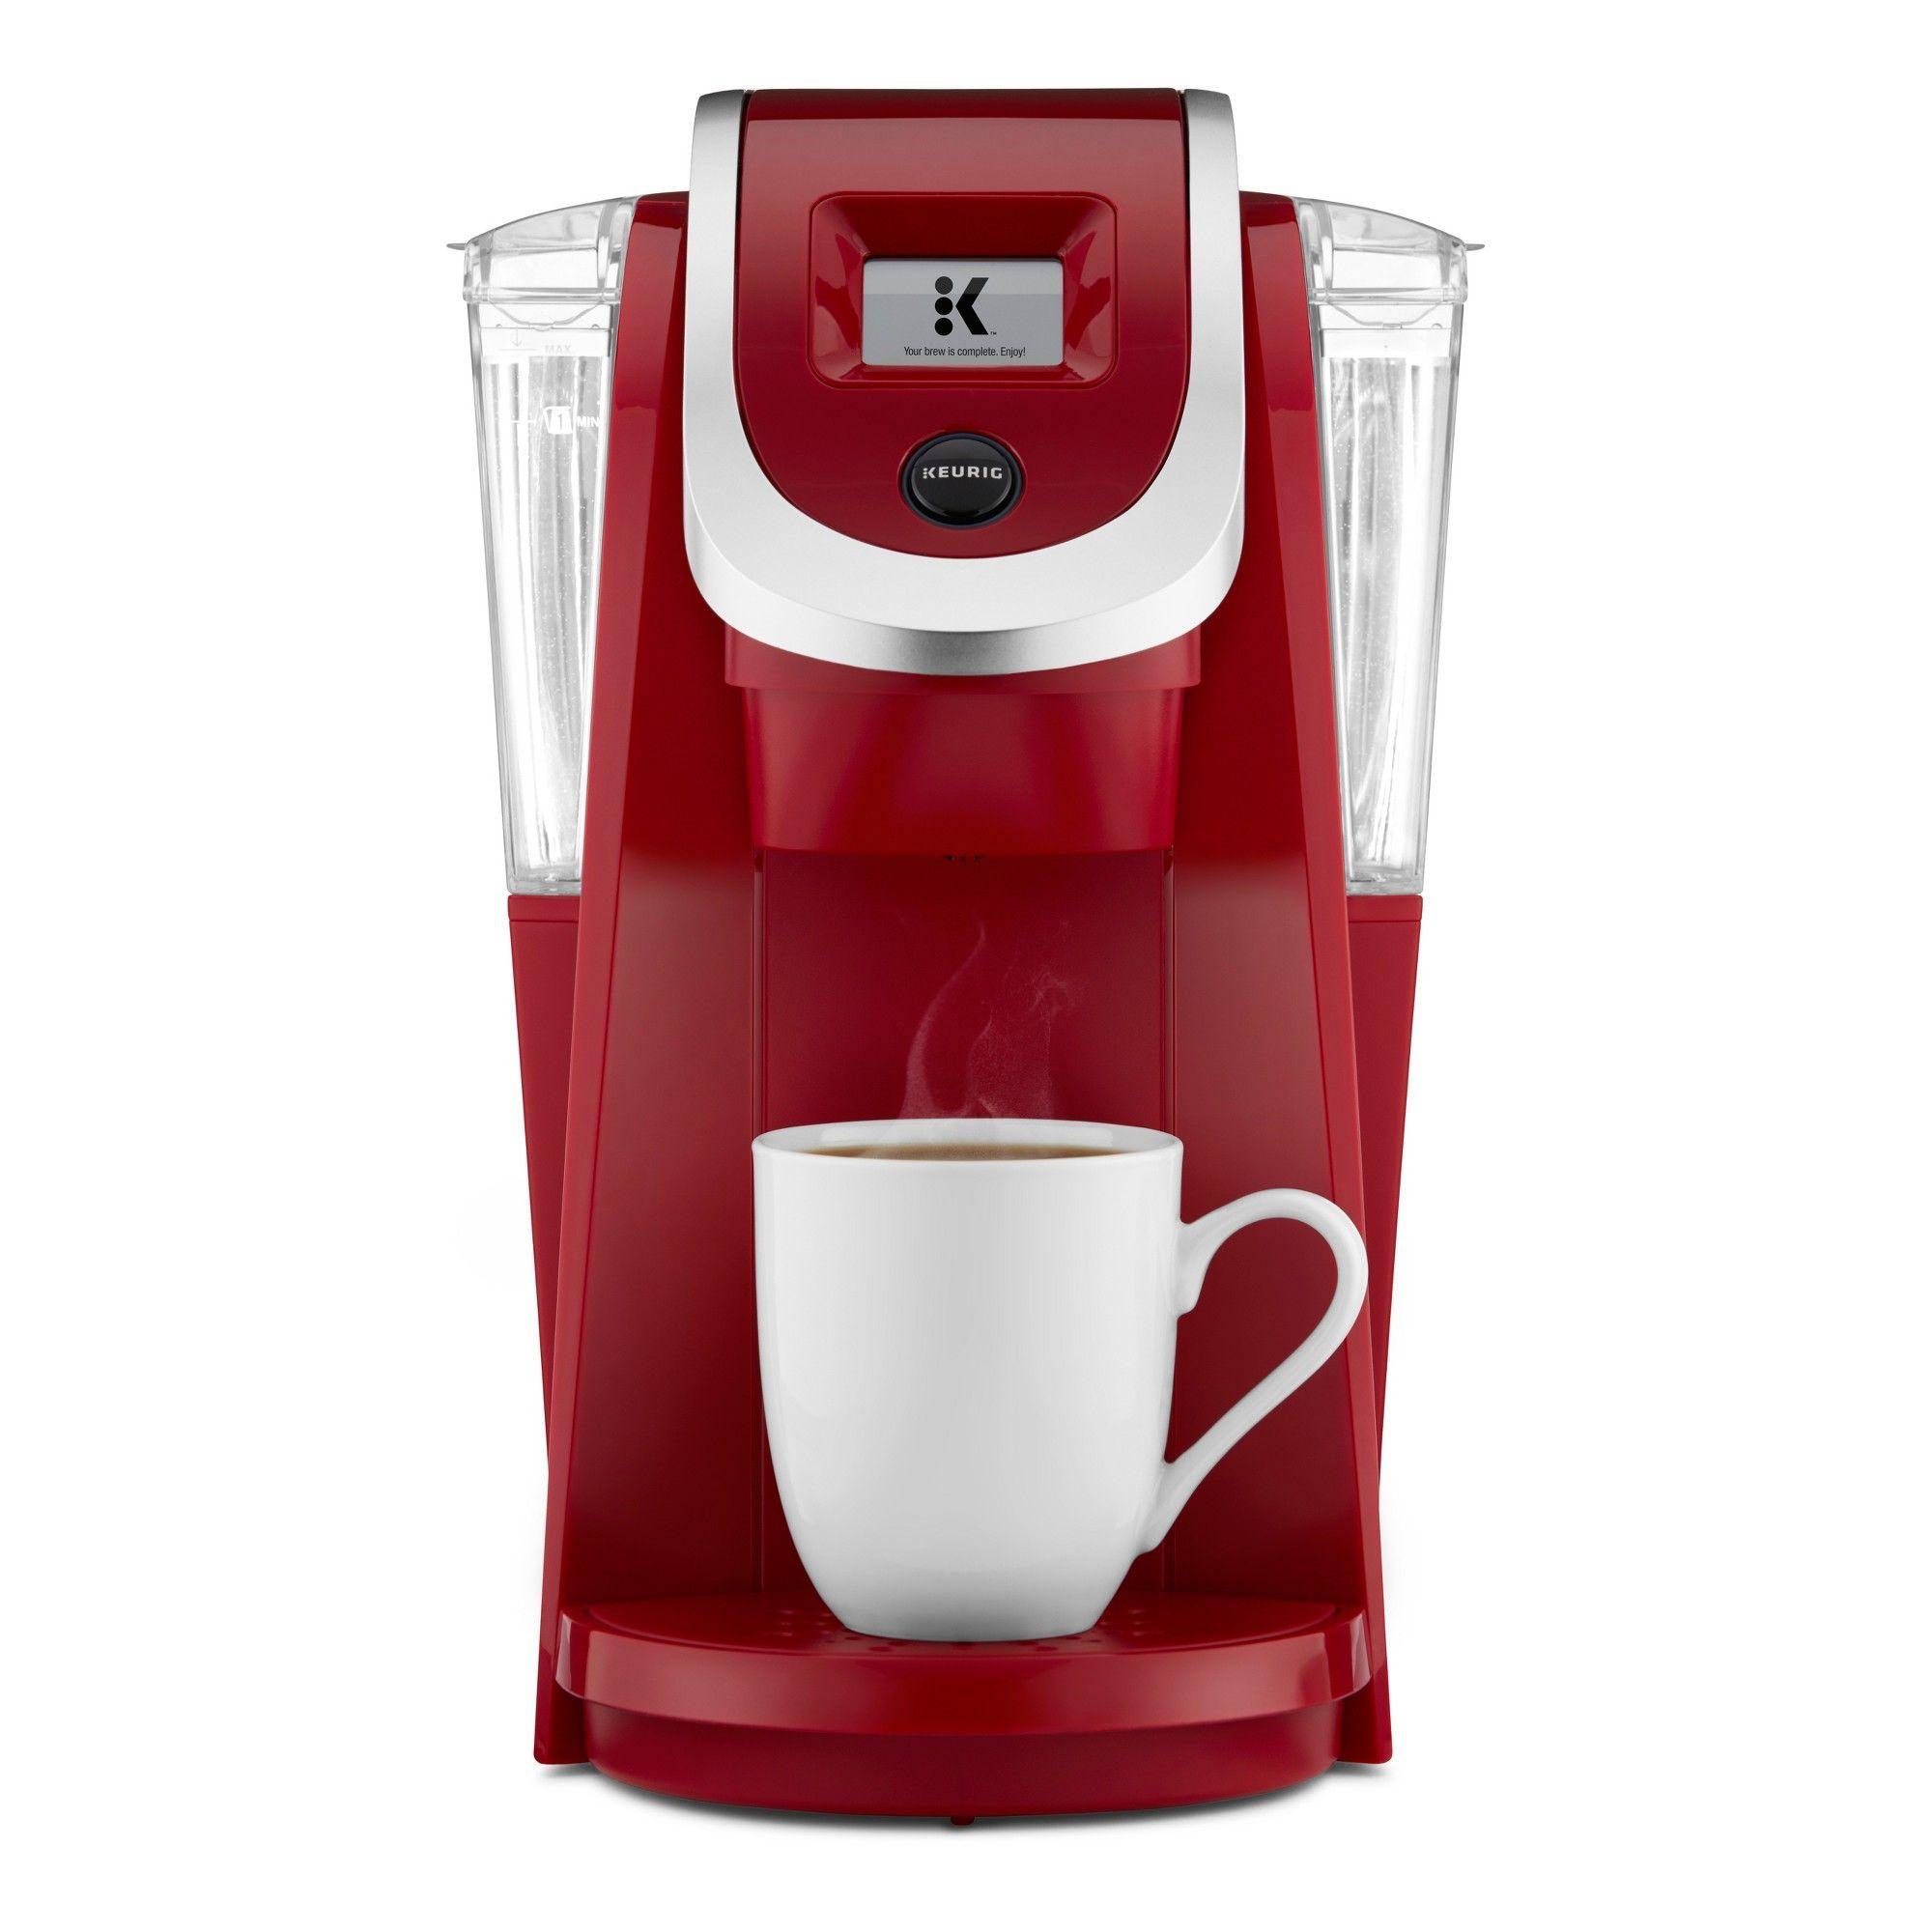 Keurig K200 Coffee Maker, Imperial Red Pod coffee makers